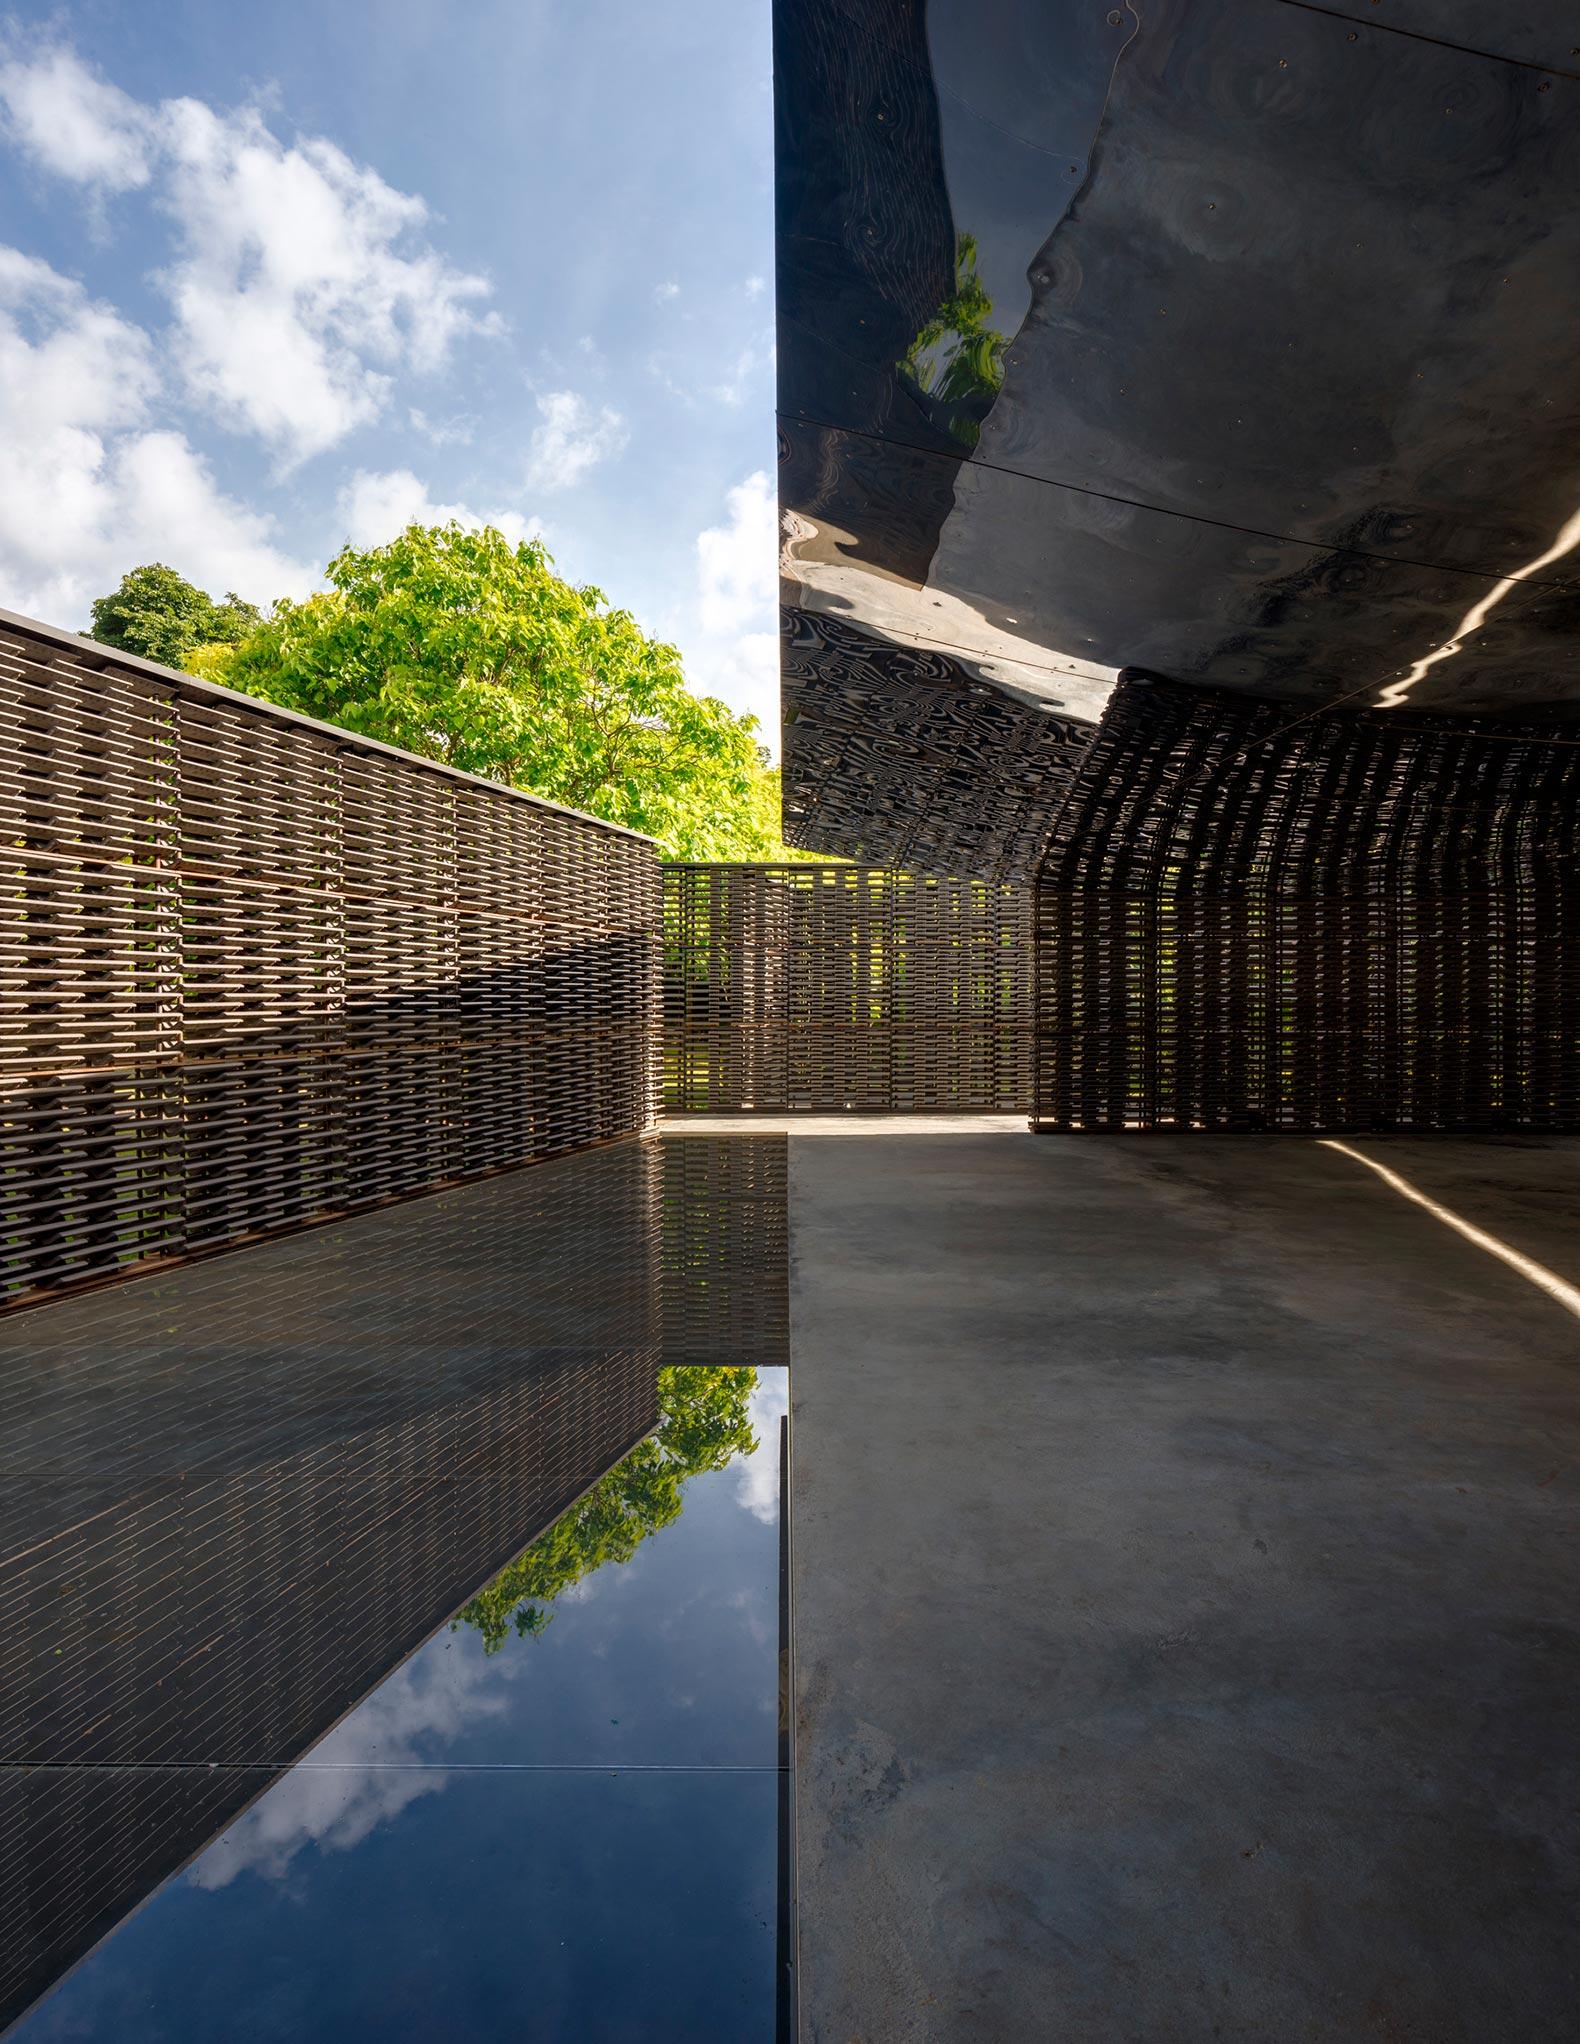 Pabellón de la Serpentine 2018, diseñado por Frida Escobedo, Serpentine Gallery, Londres (15 Junio – 7 Octubre 2018) © Frida Escobedo, Taller de Arquitectura, Fotografía © 2018 Rafael Gamo